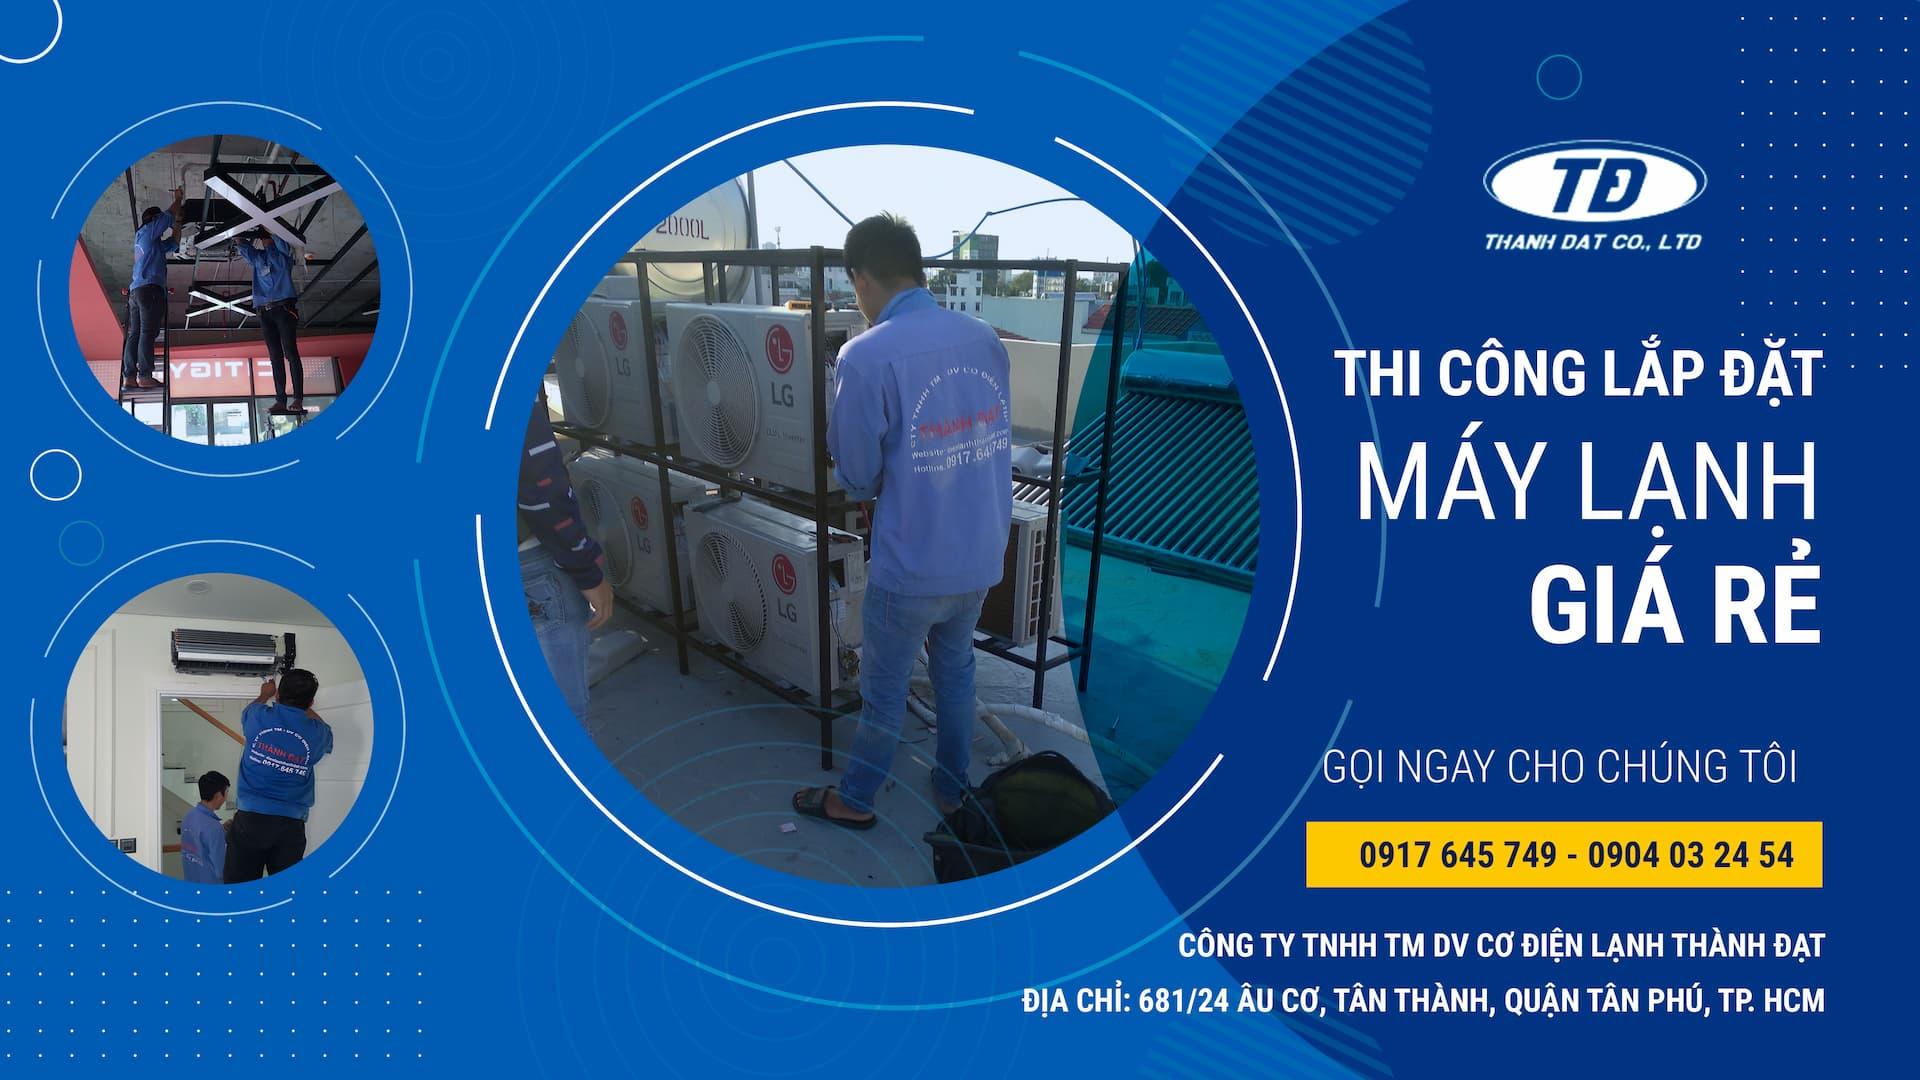 Dịch vụ lắp đặt máy lạnh chuyên nghiệp